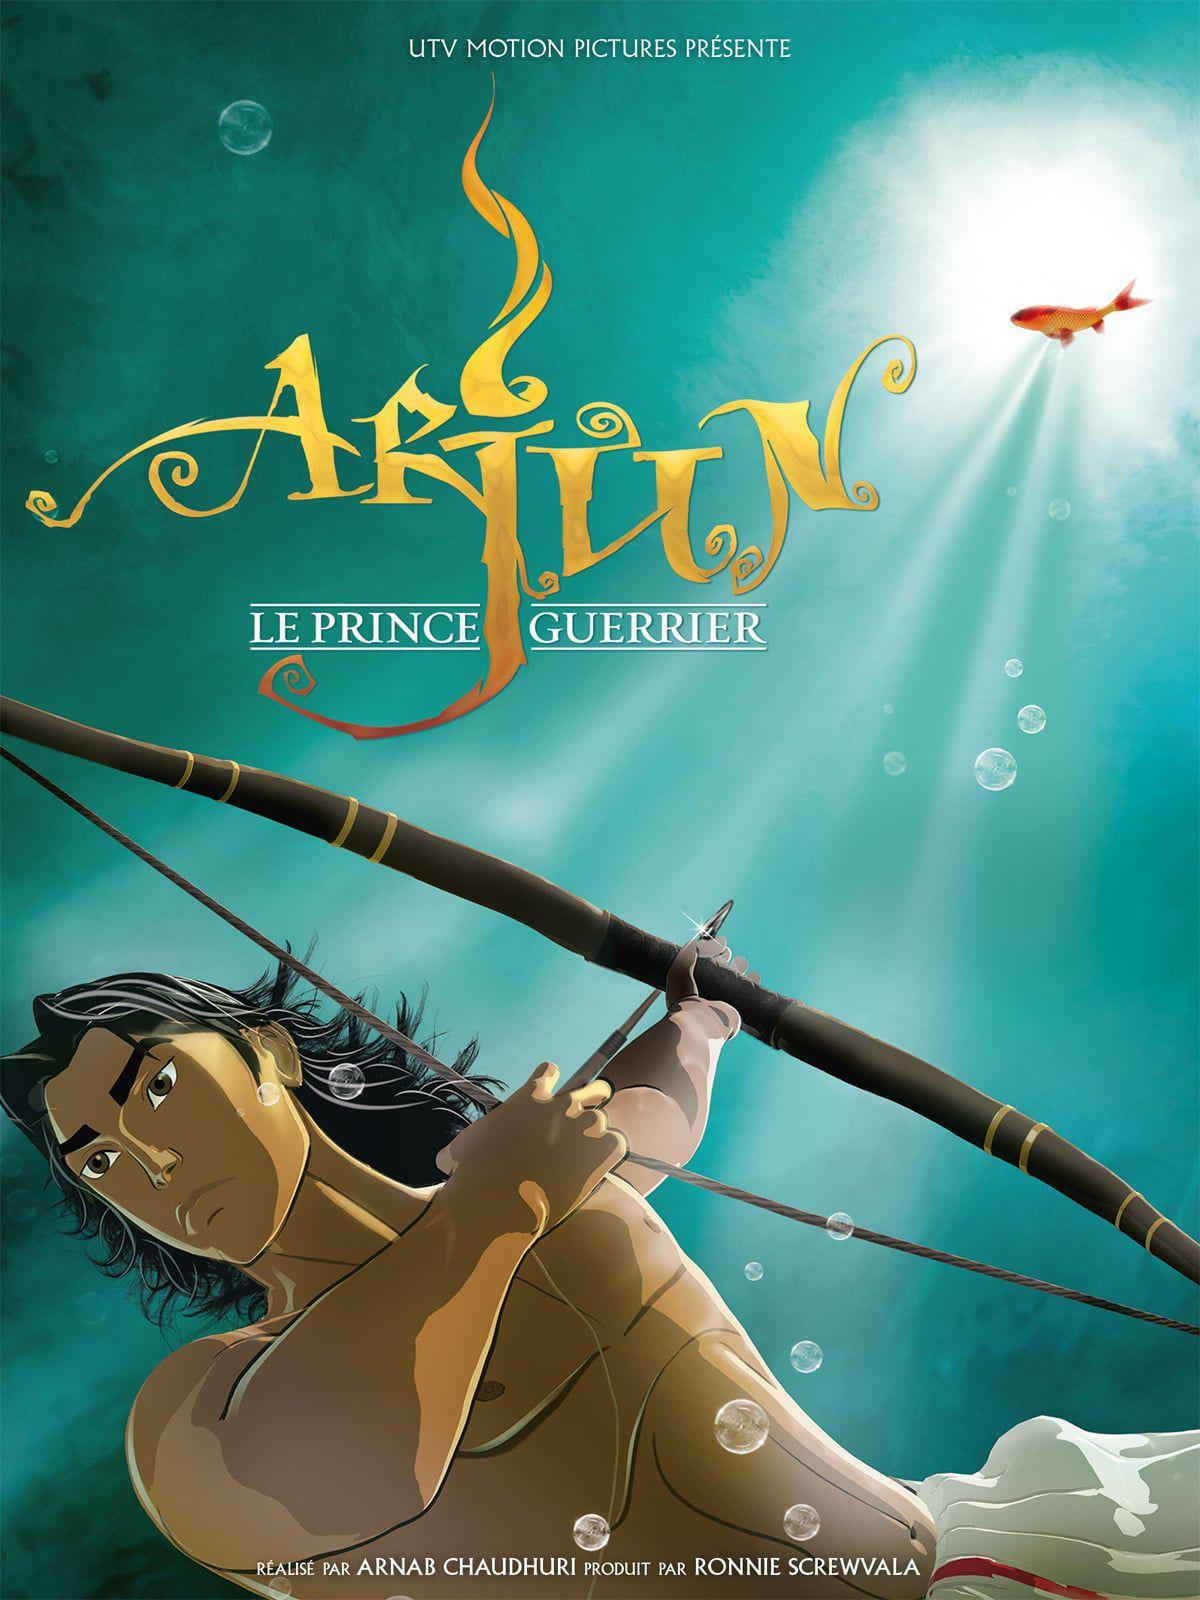 Arjun, le Prince Guerrier - Film (2012)